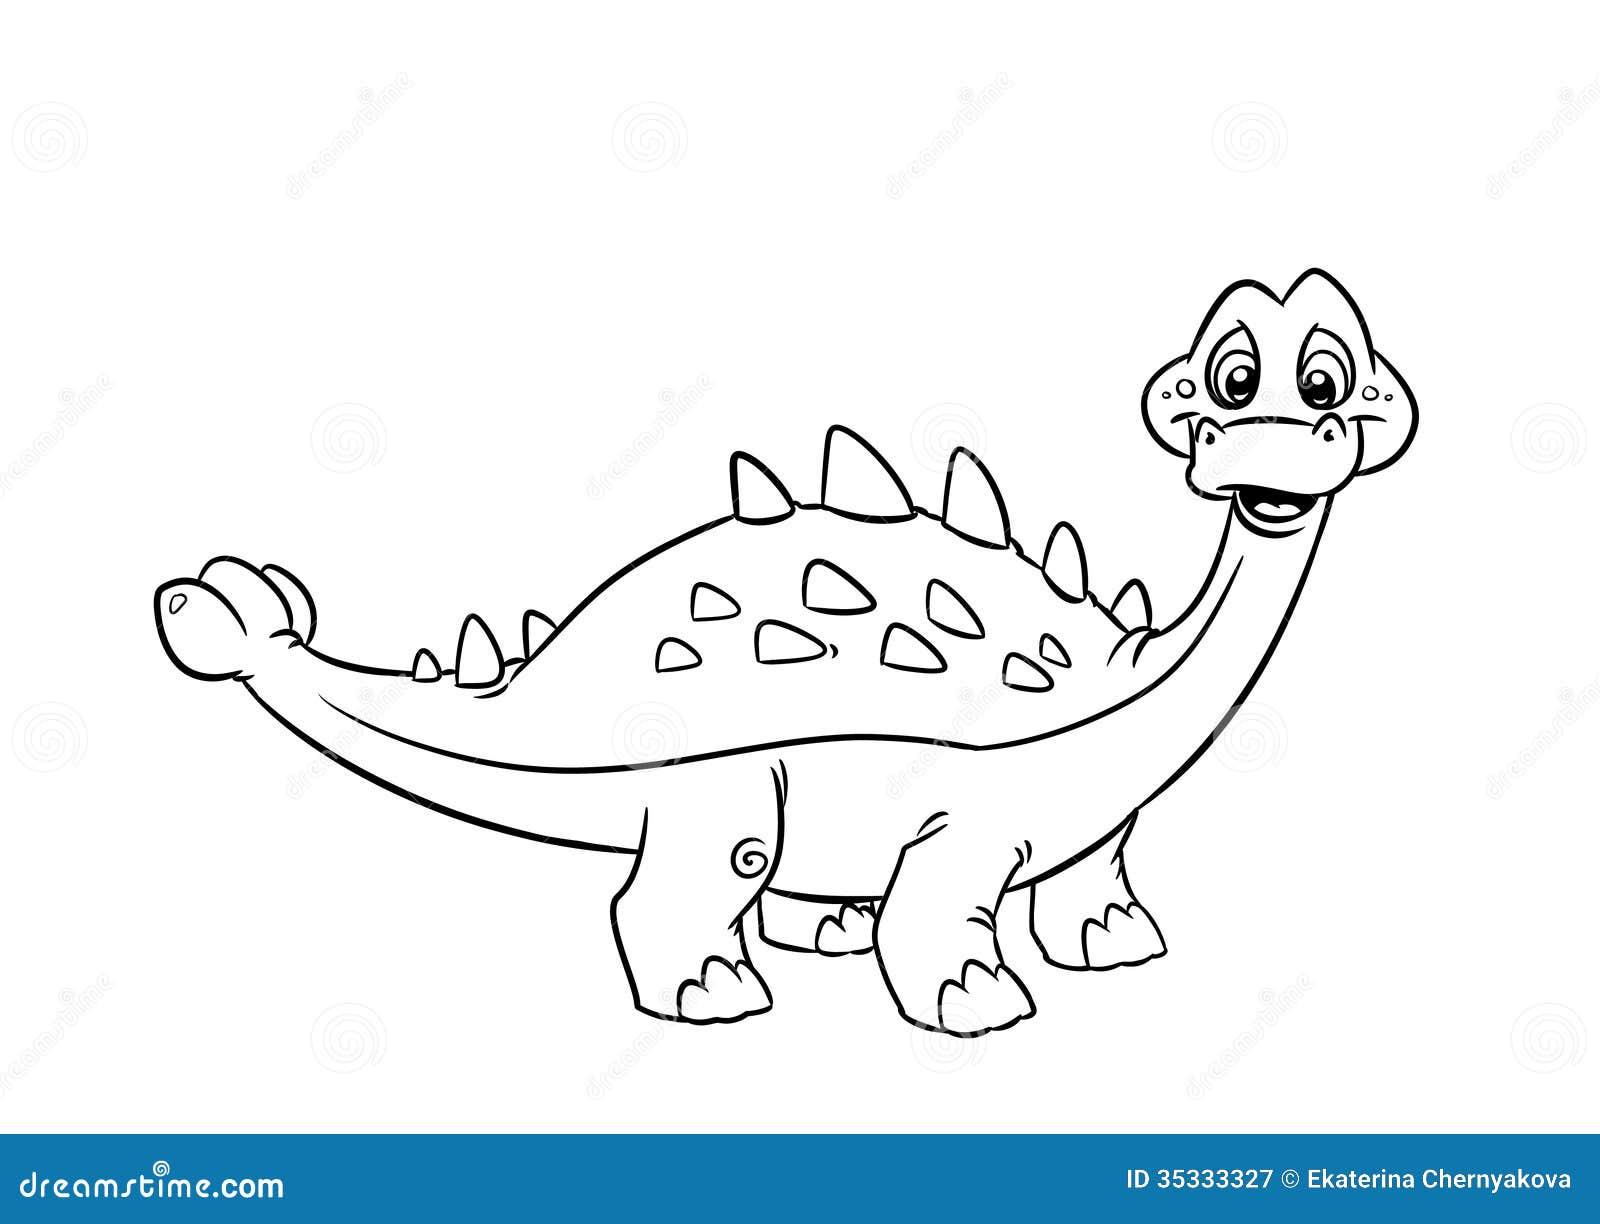 dinosaur pinacosaurus coloring pages royalty free stock